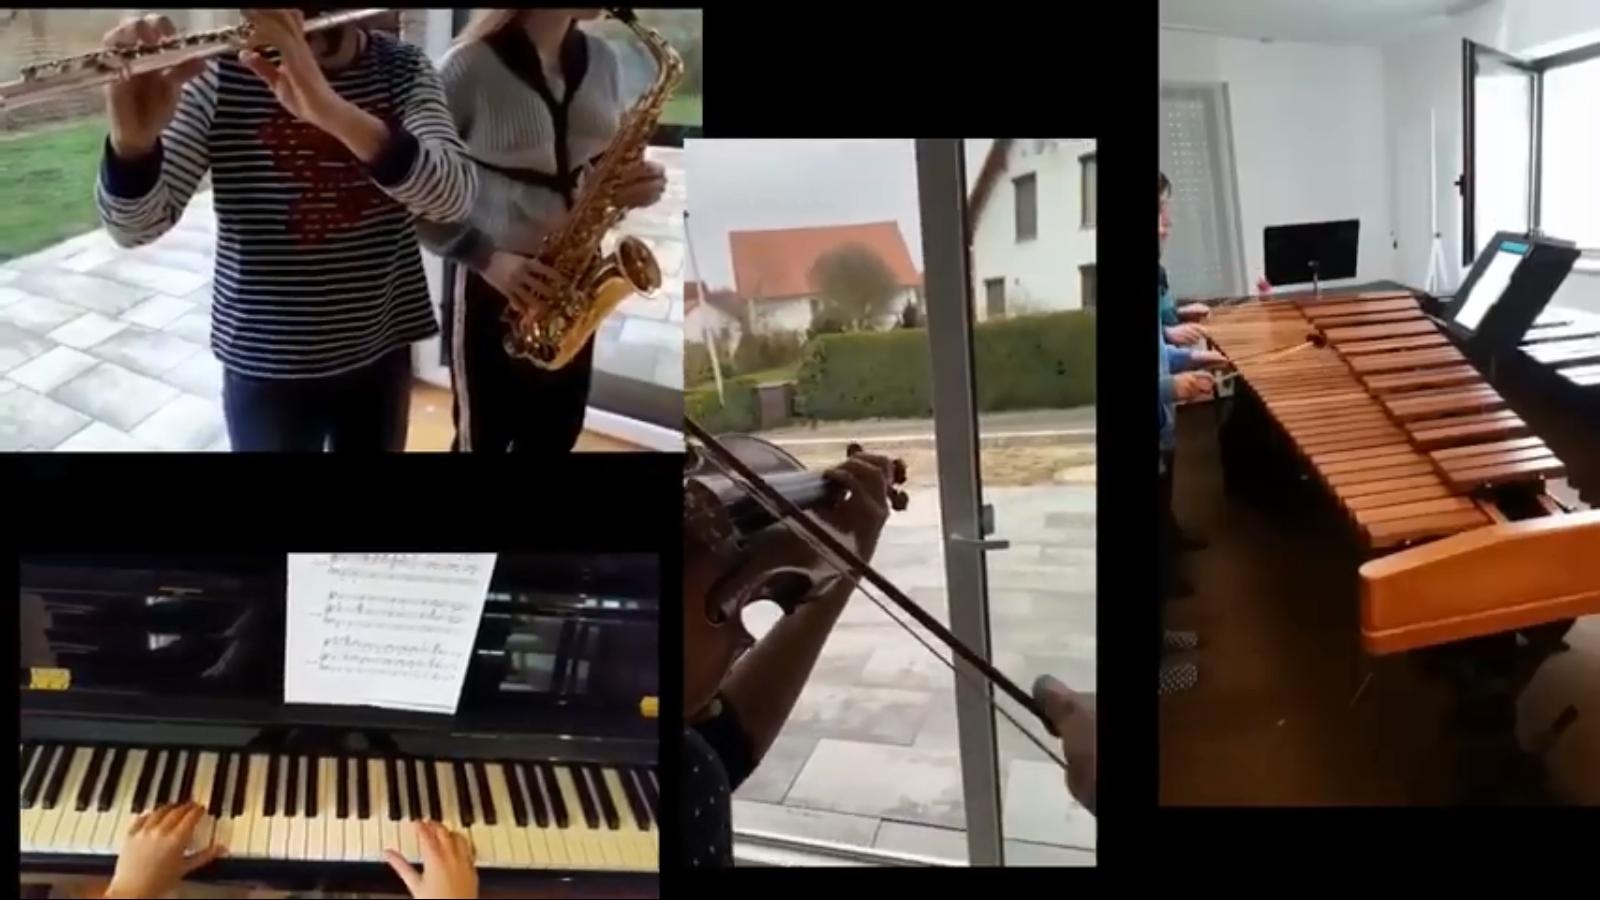 Dienas prieks: Cilvēki paliek mājās un sūta muzikālu sveicienu Itālijai